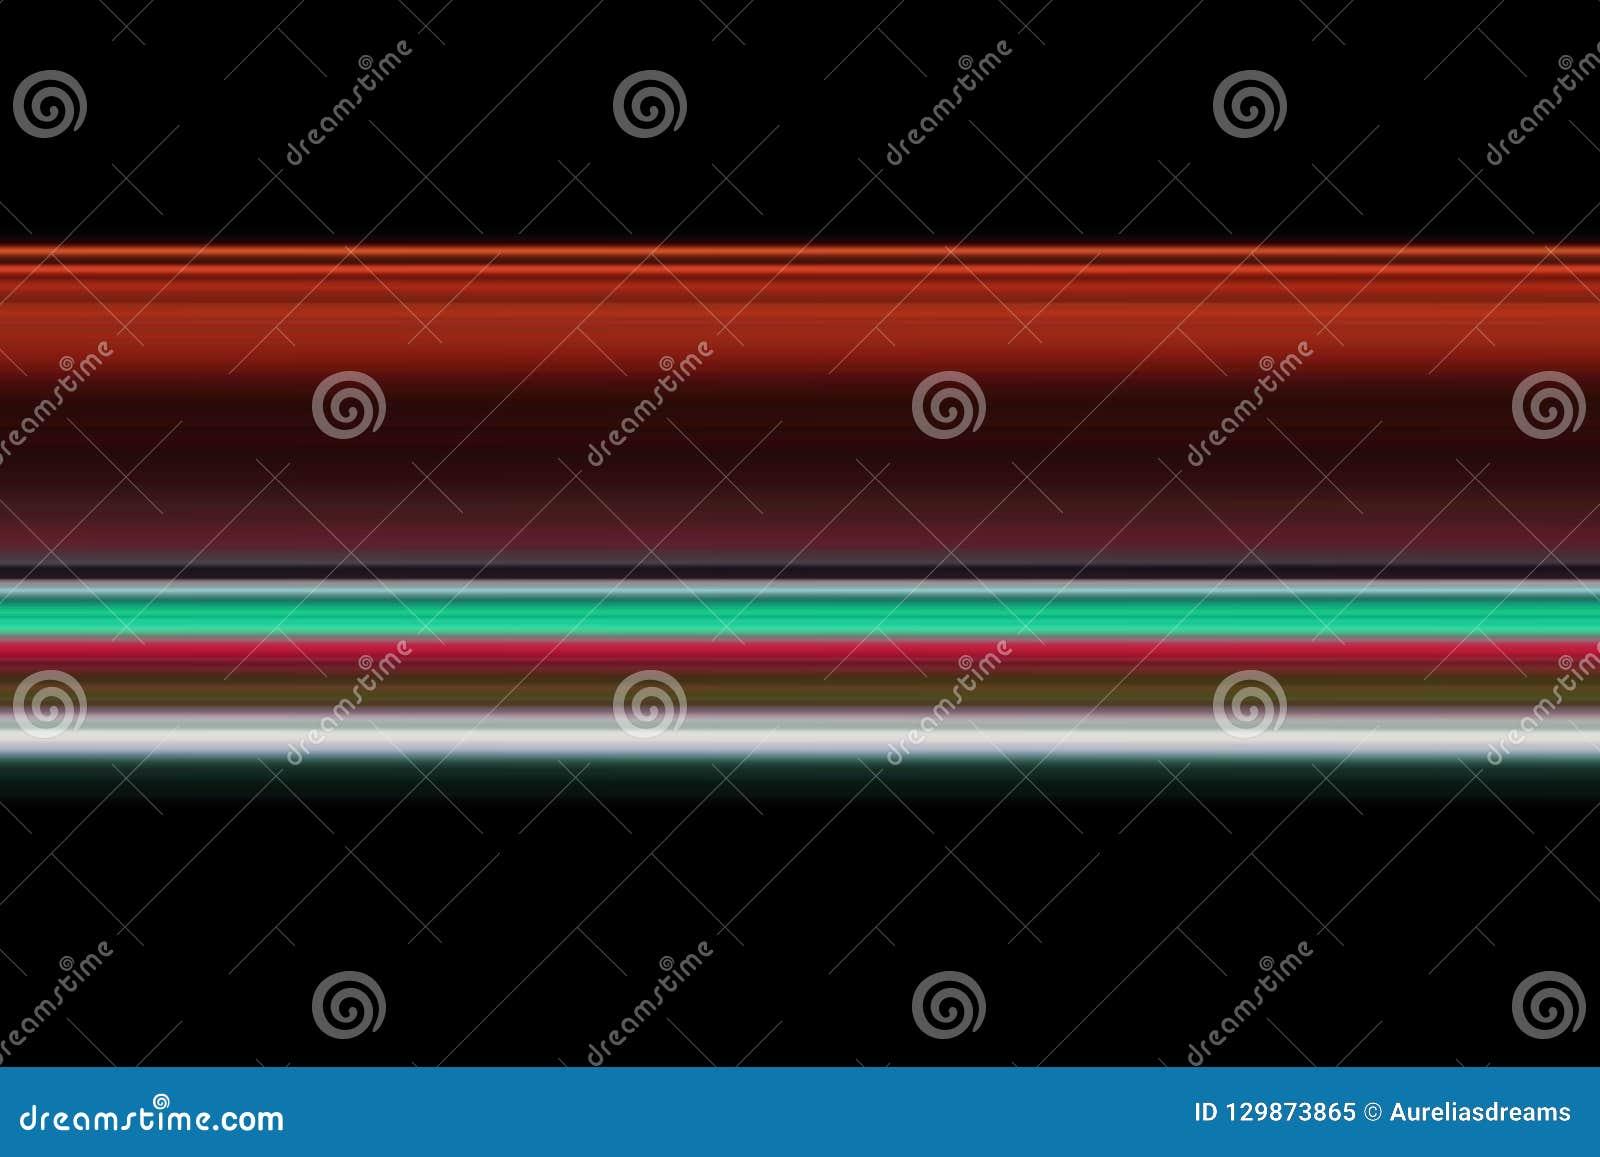 Lineas horizontales brillantes fondo, textura del extracto olorful del ¡de Ð